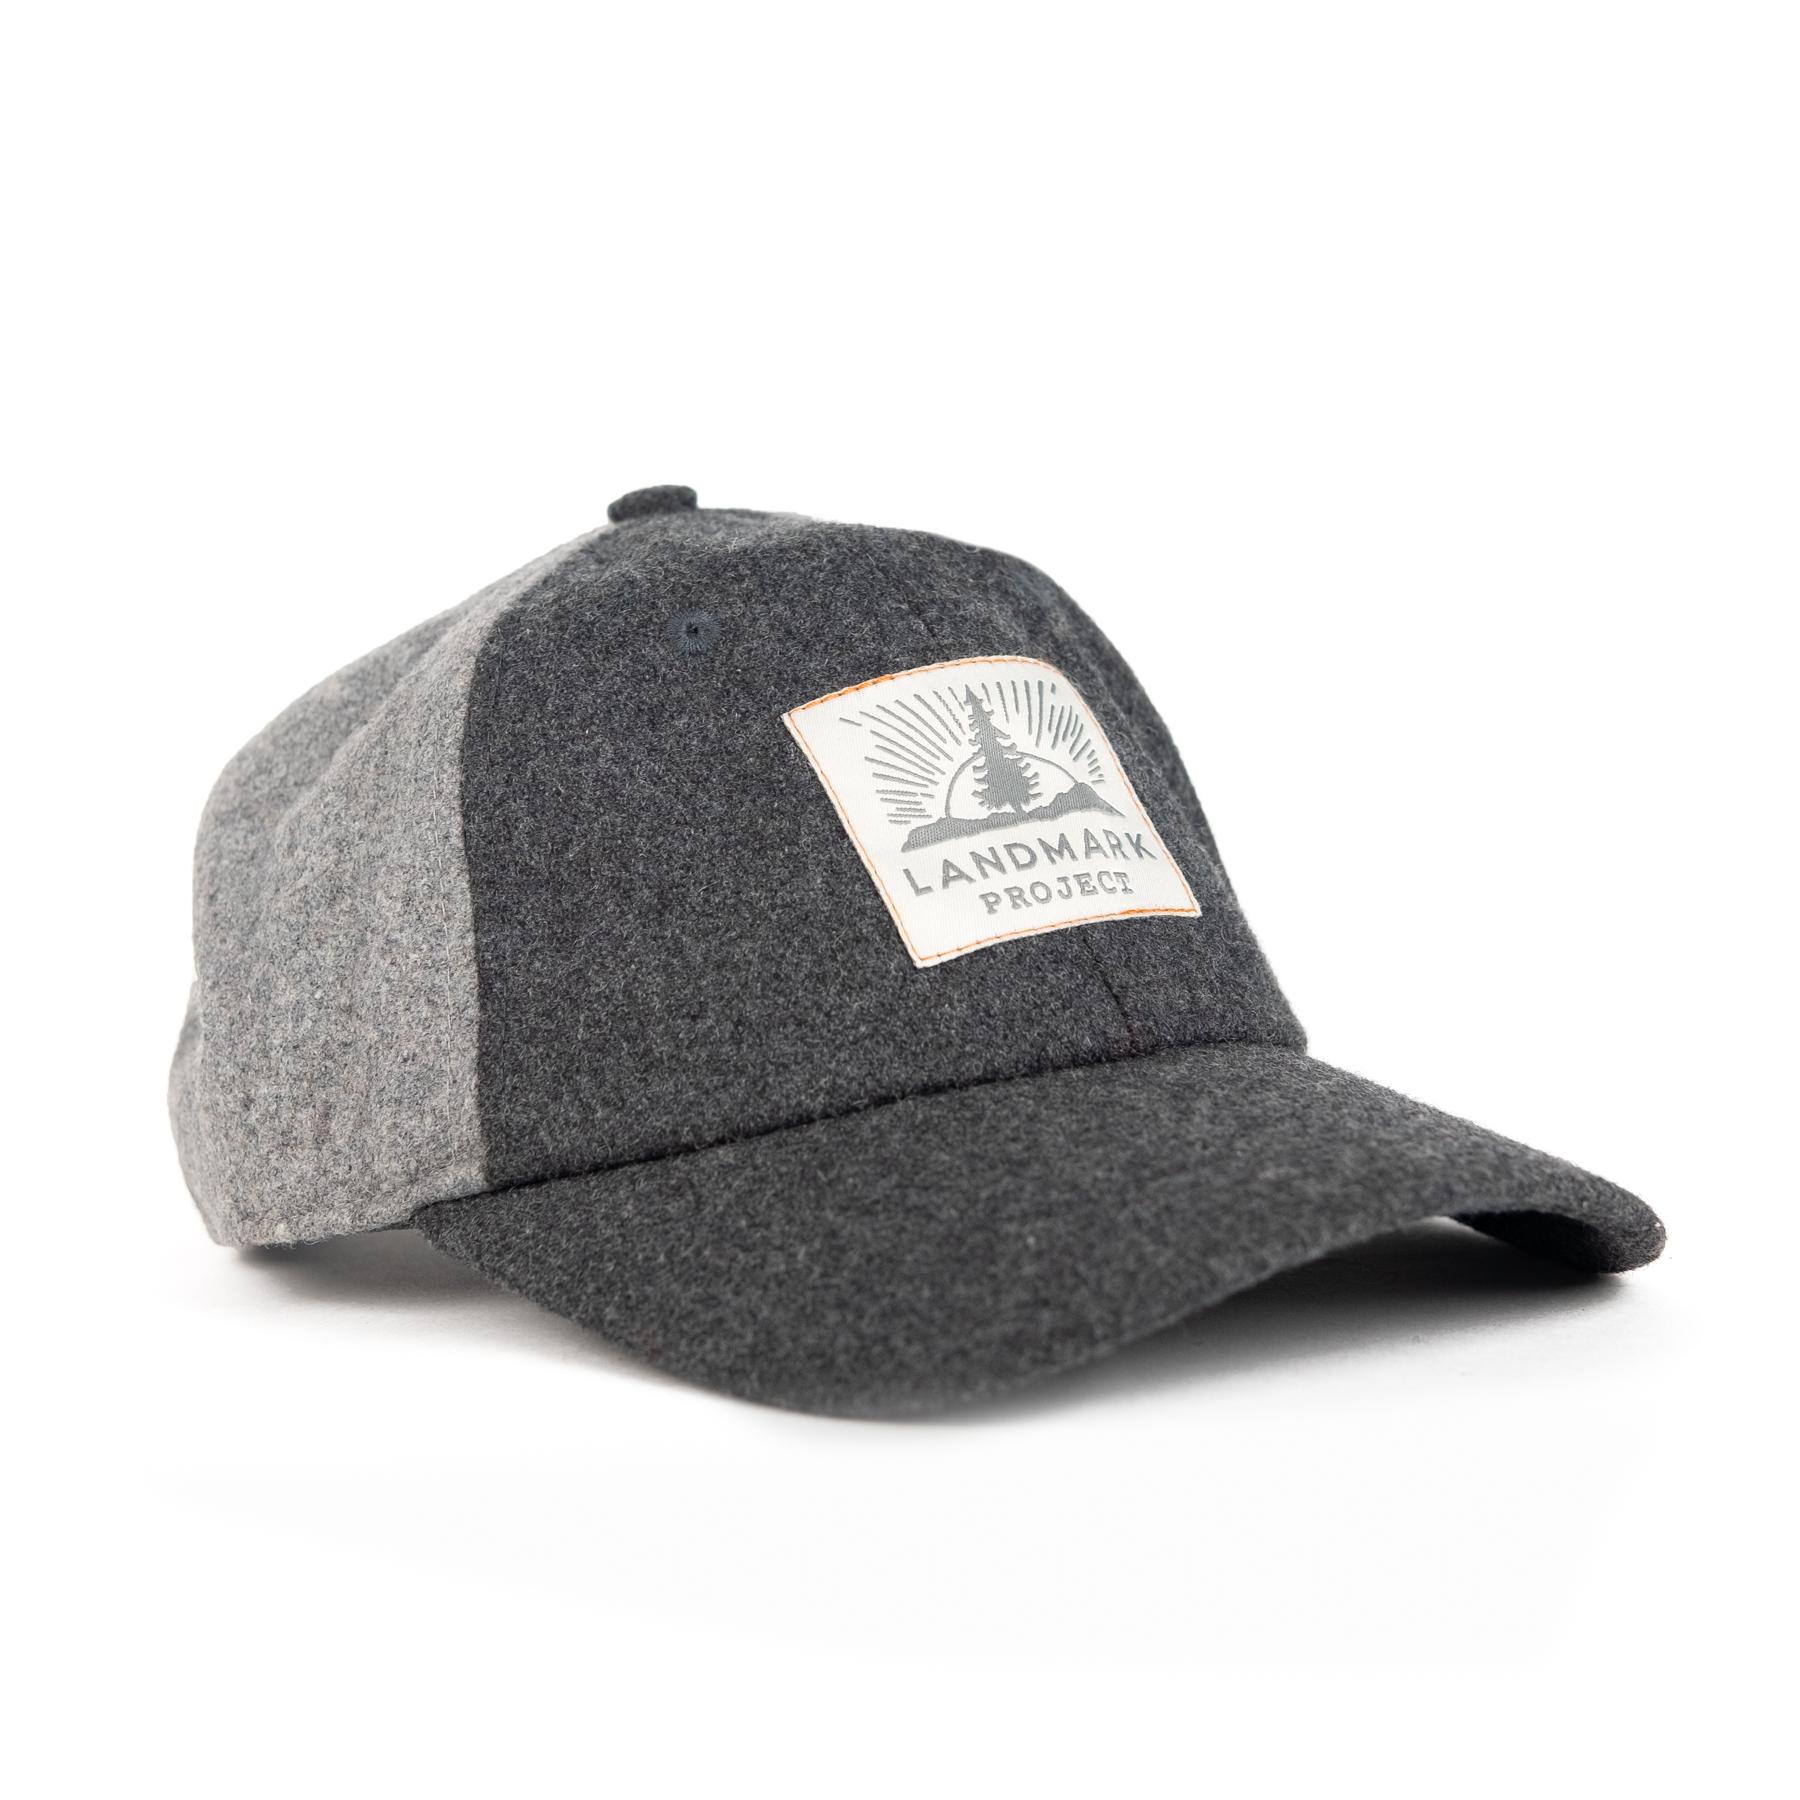 landmark-wool-hat-01.jpg